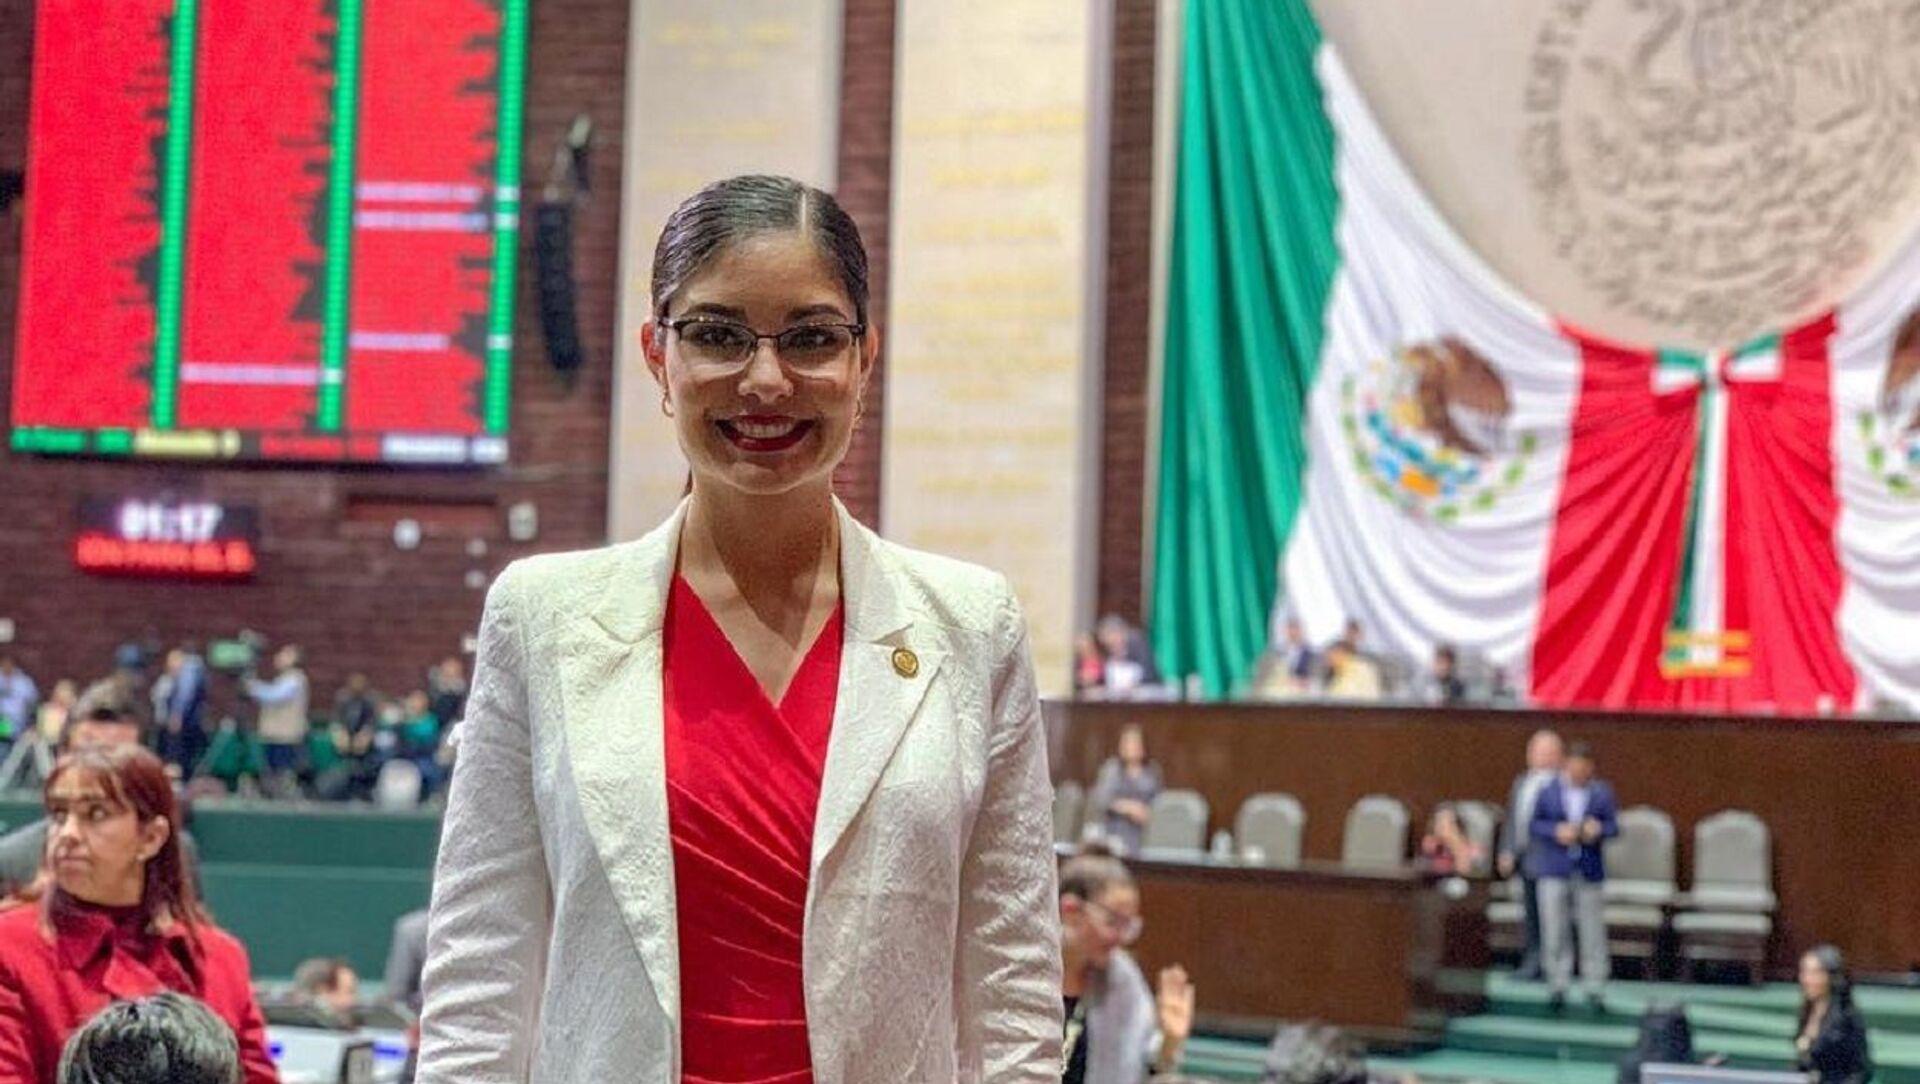 La diputada mexicana Geraldine Ponce - Sputnik Mundo, 1920, 25.11.2020